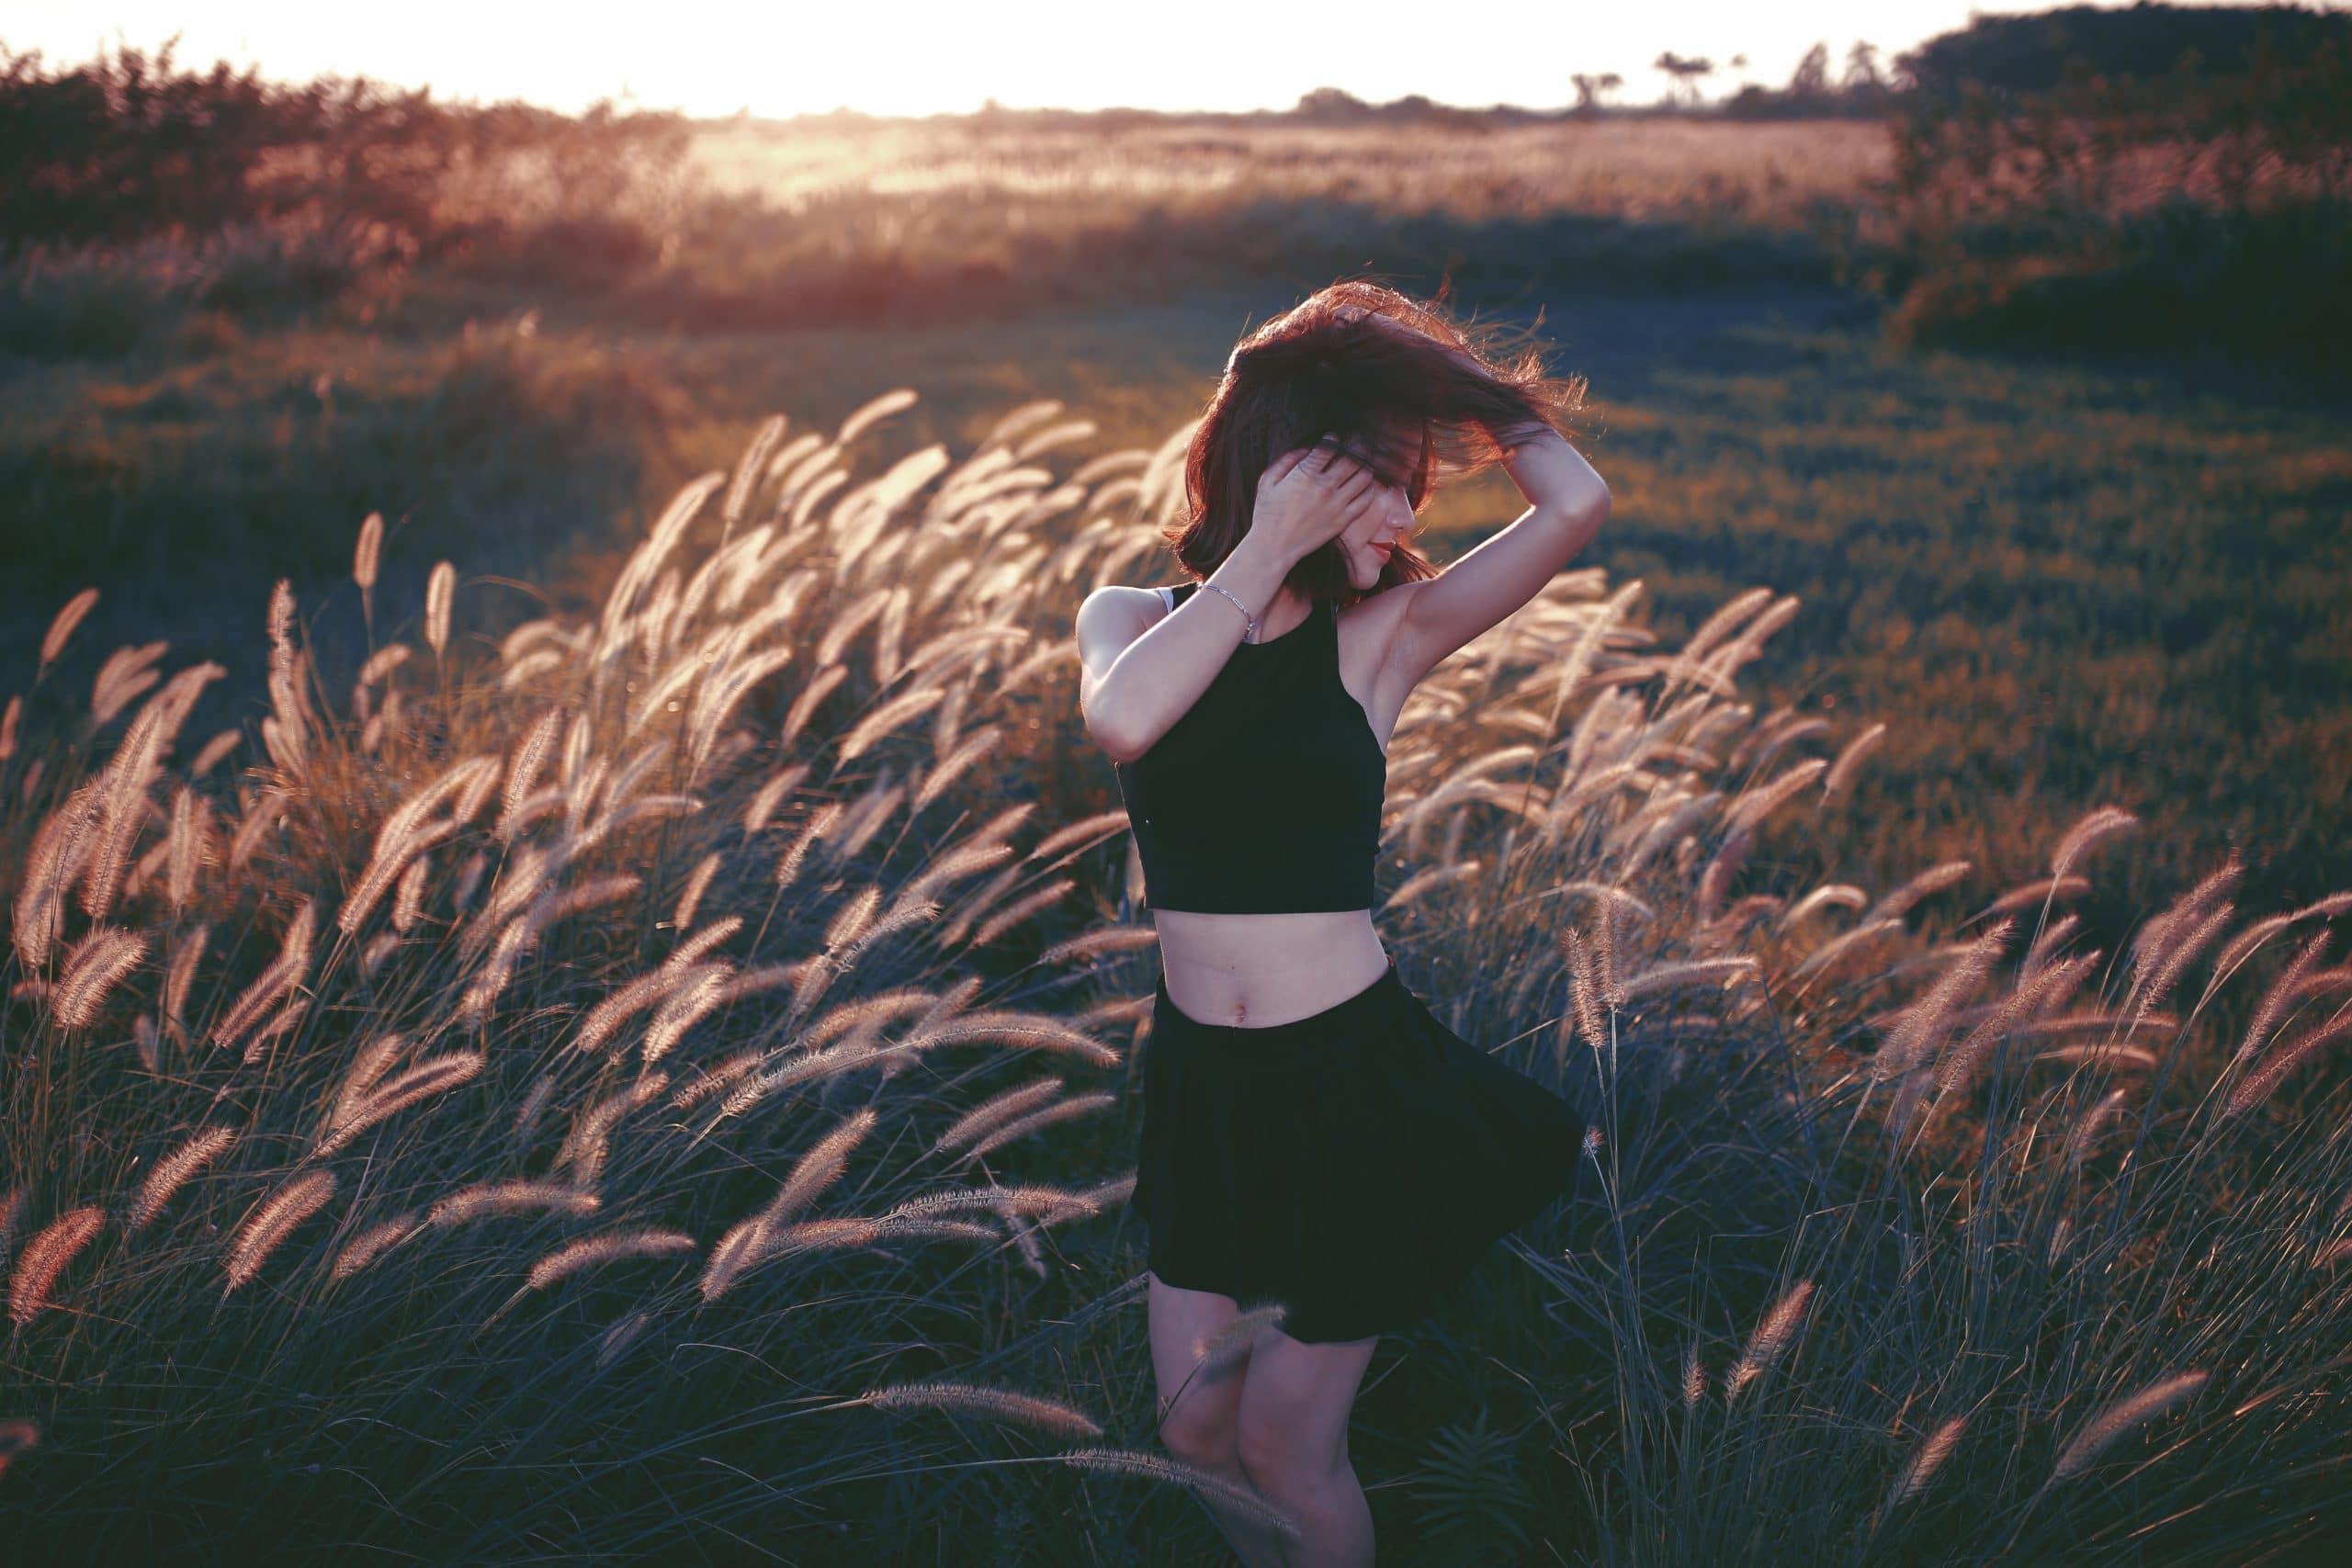 Moça em um campo com seus cabelos voando e corpo em movimento.